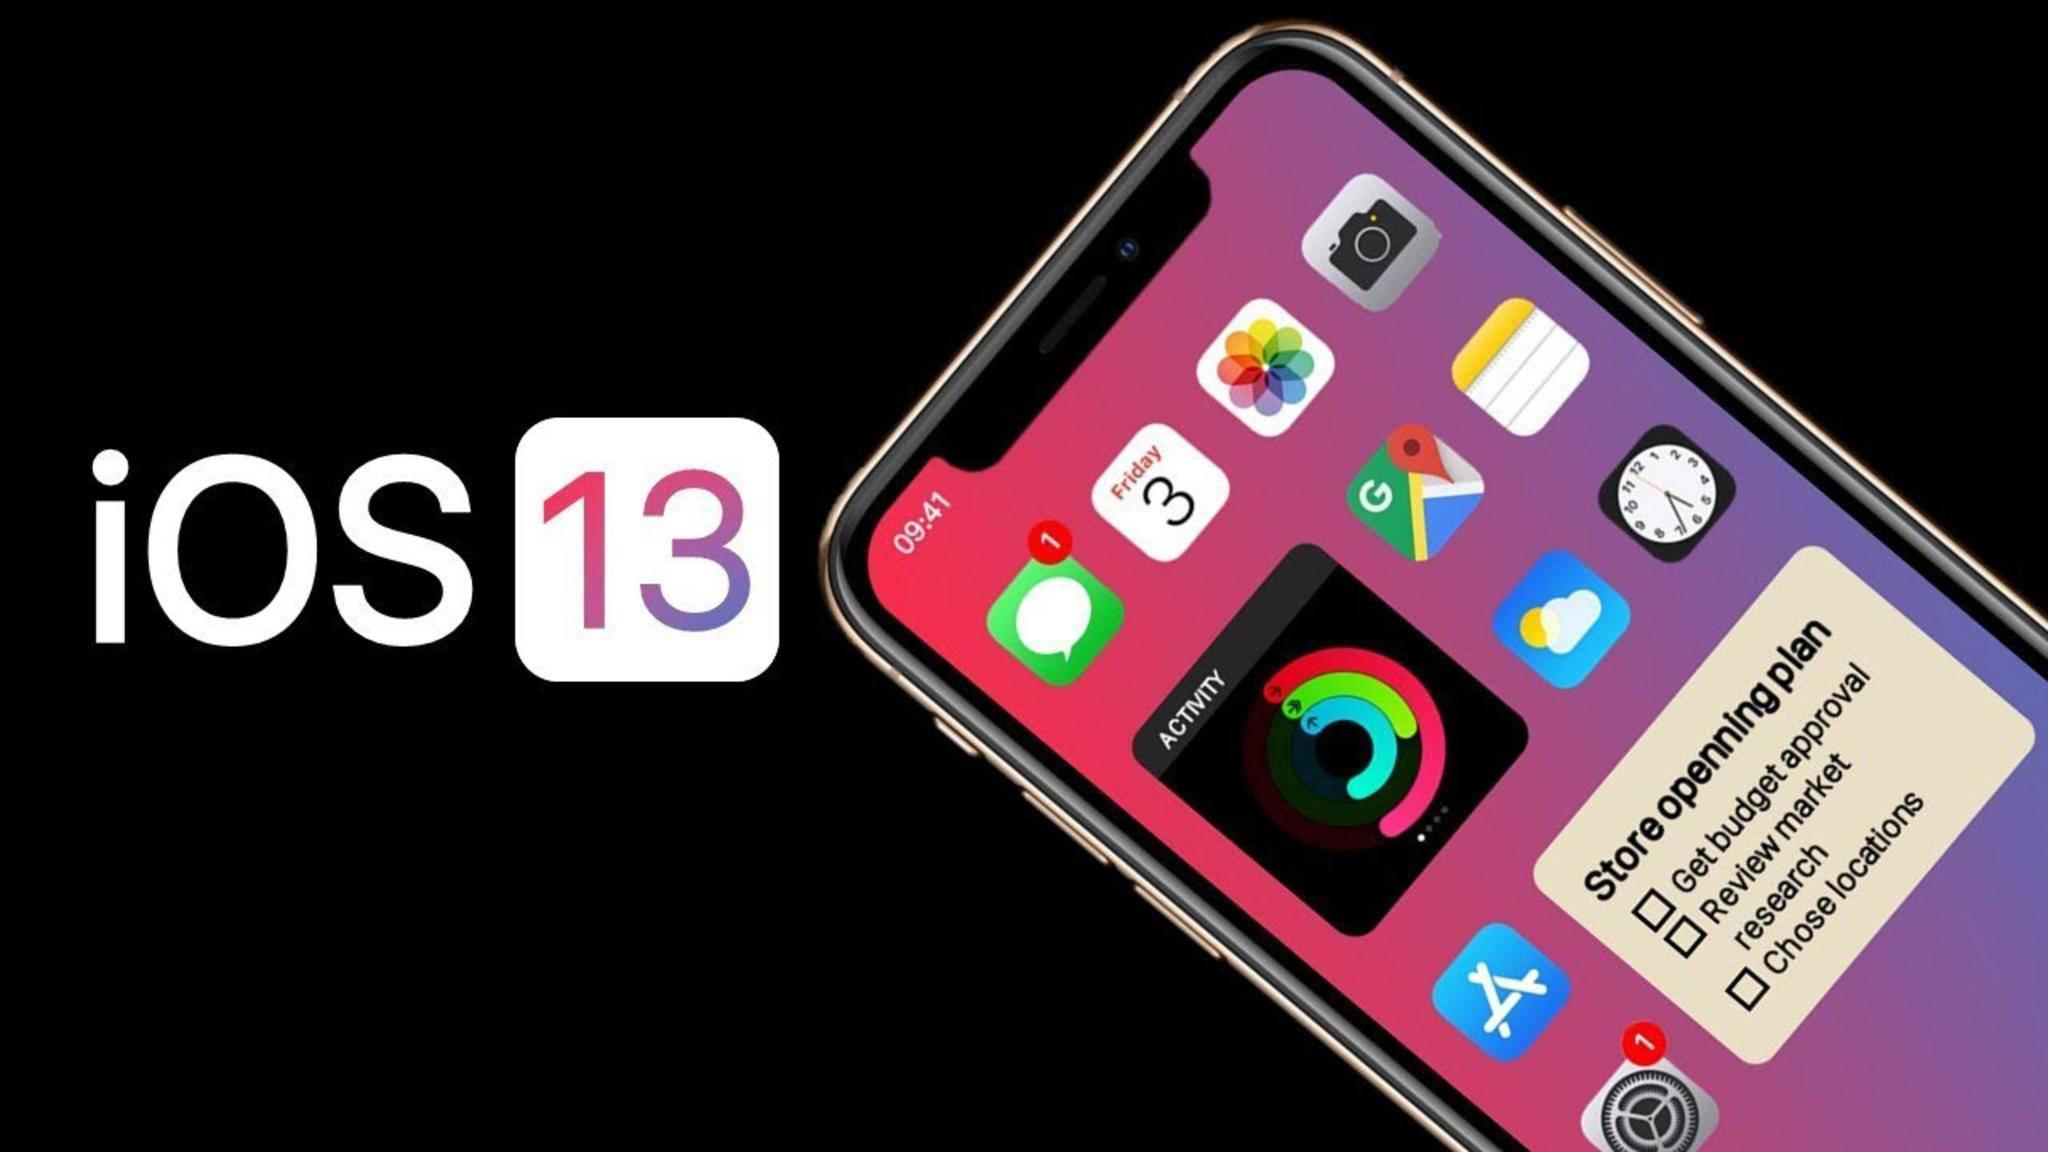 Die Chancen stehen gut, dass iOS 13 am 3. Juni offiziell vorgestellt wird.